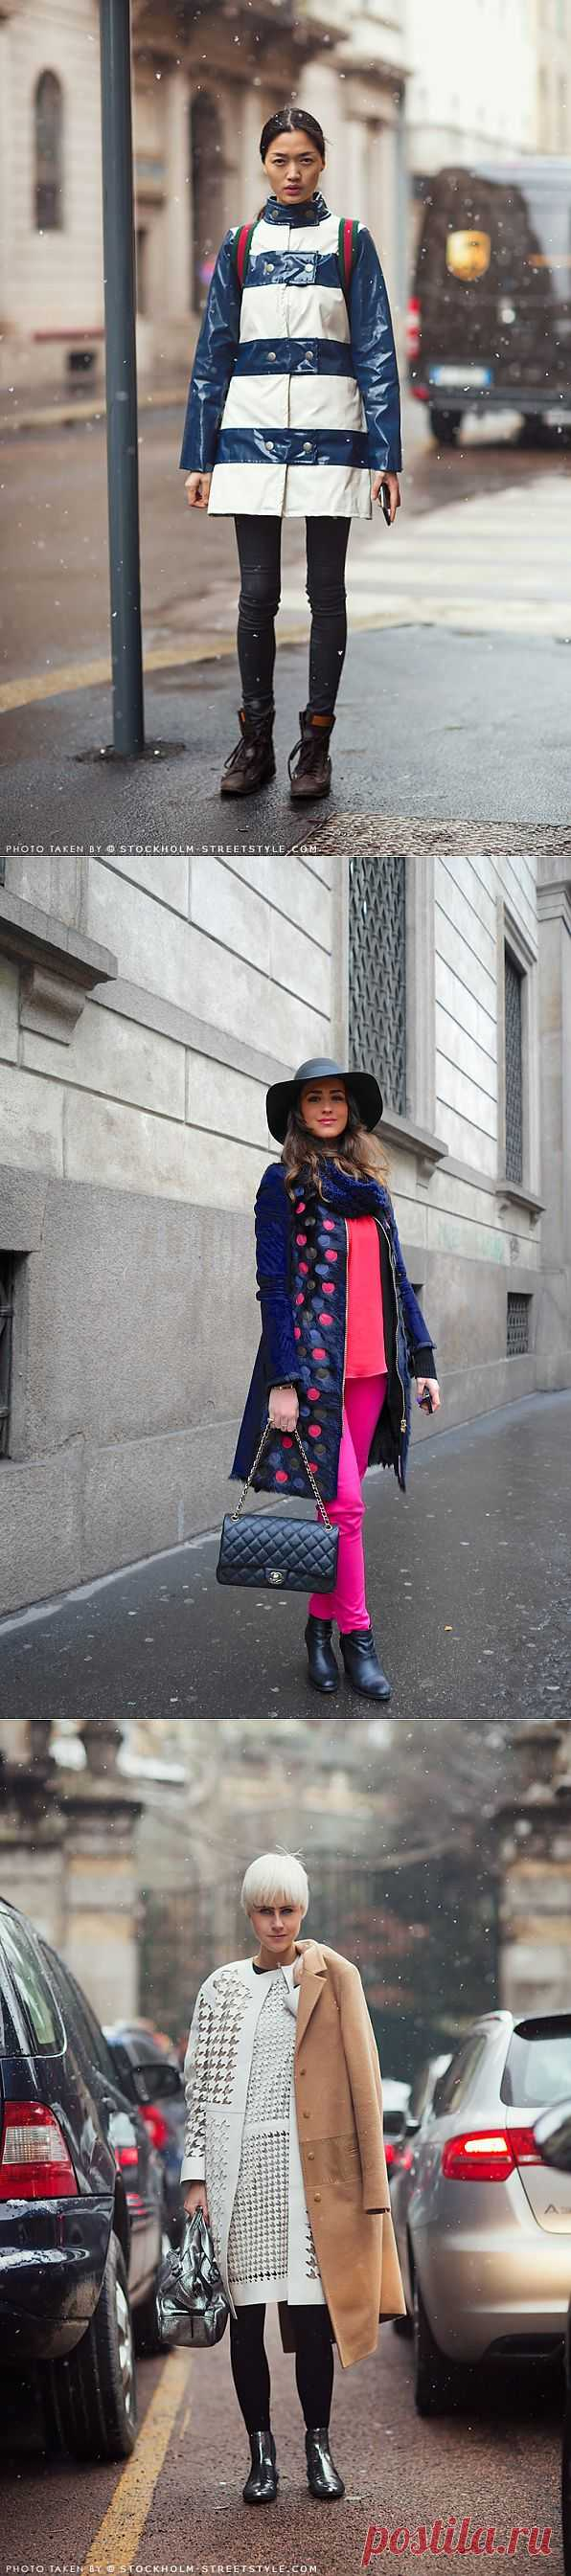 Утепляемся... (подборка) / Пальто и плащ / Модный сайт о стильной переделке одежды и интерьера